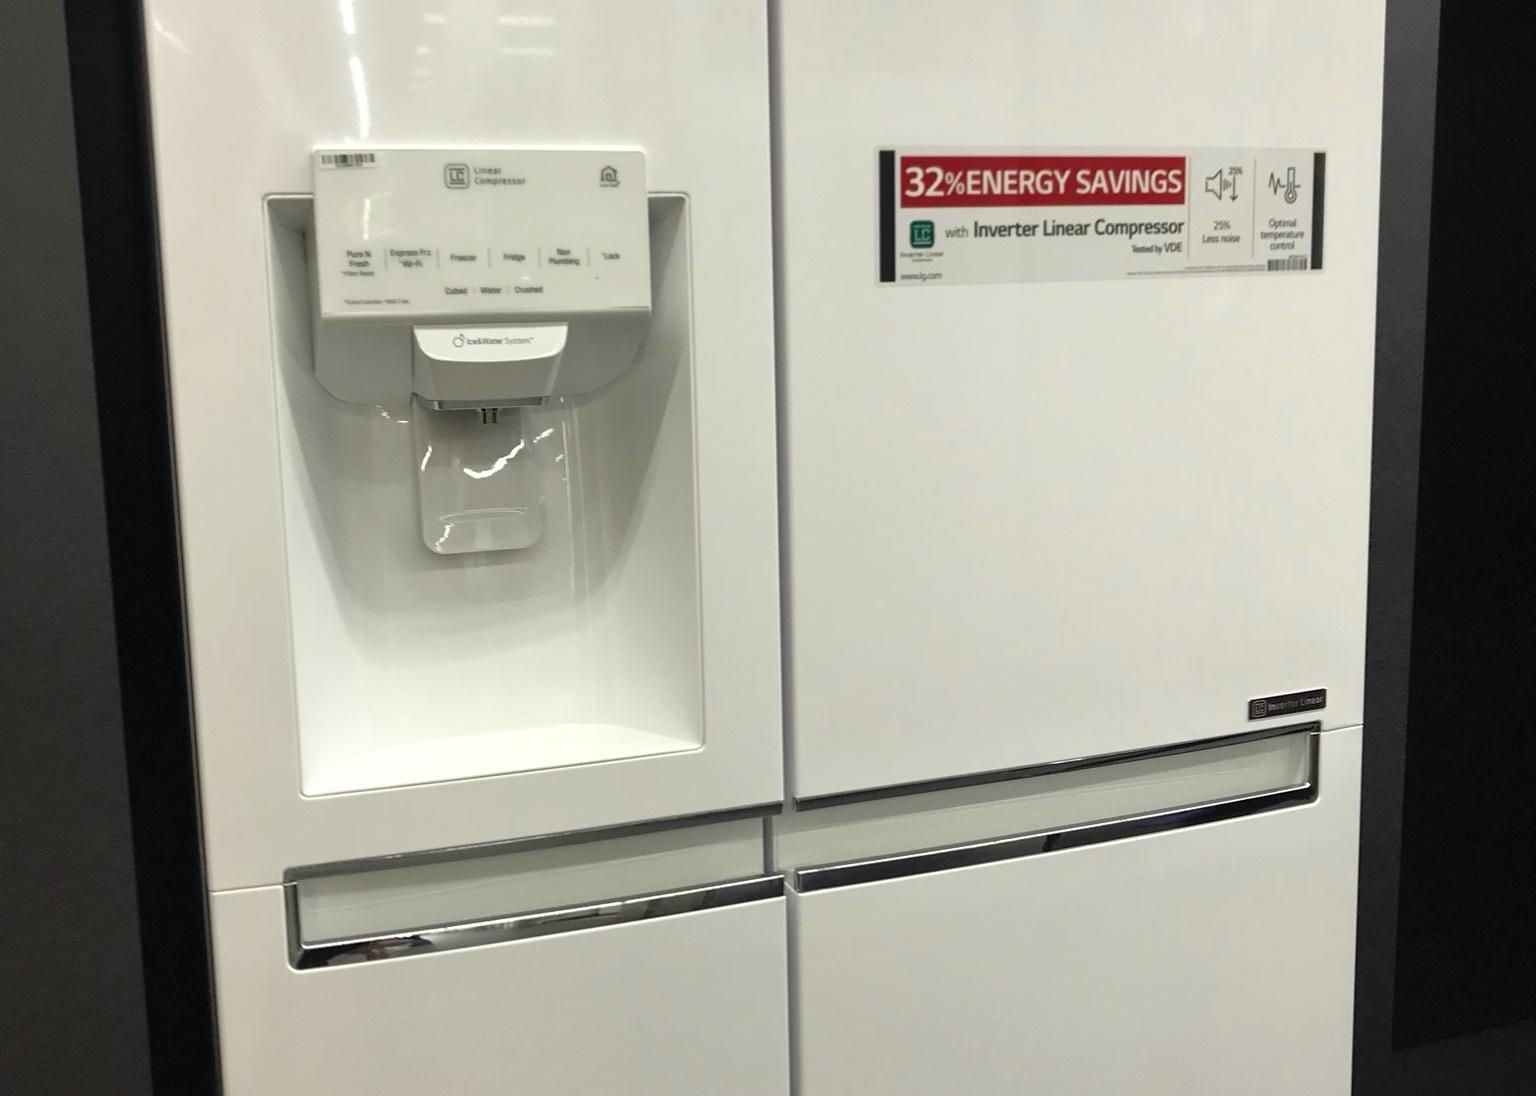 Inteligentny Jak naprawić lodówkę? Skuteczne triki   Baza Porad ET48